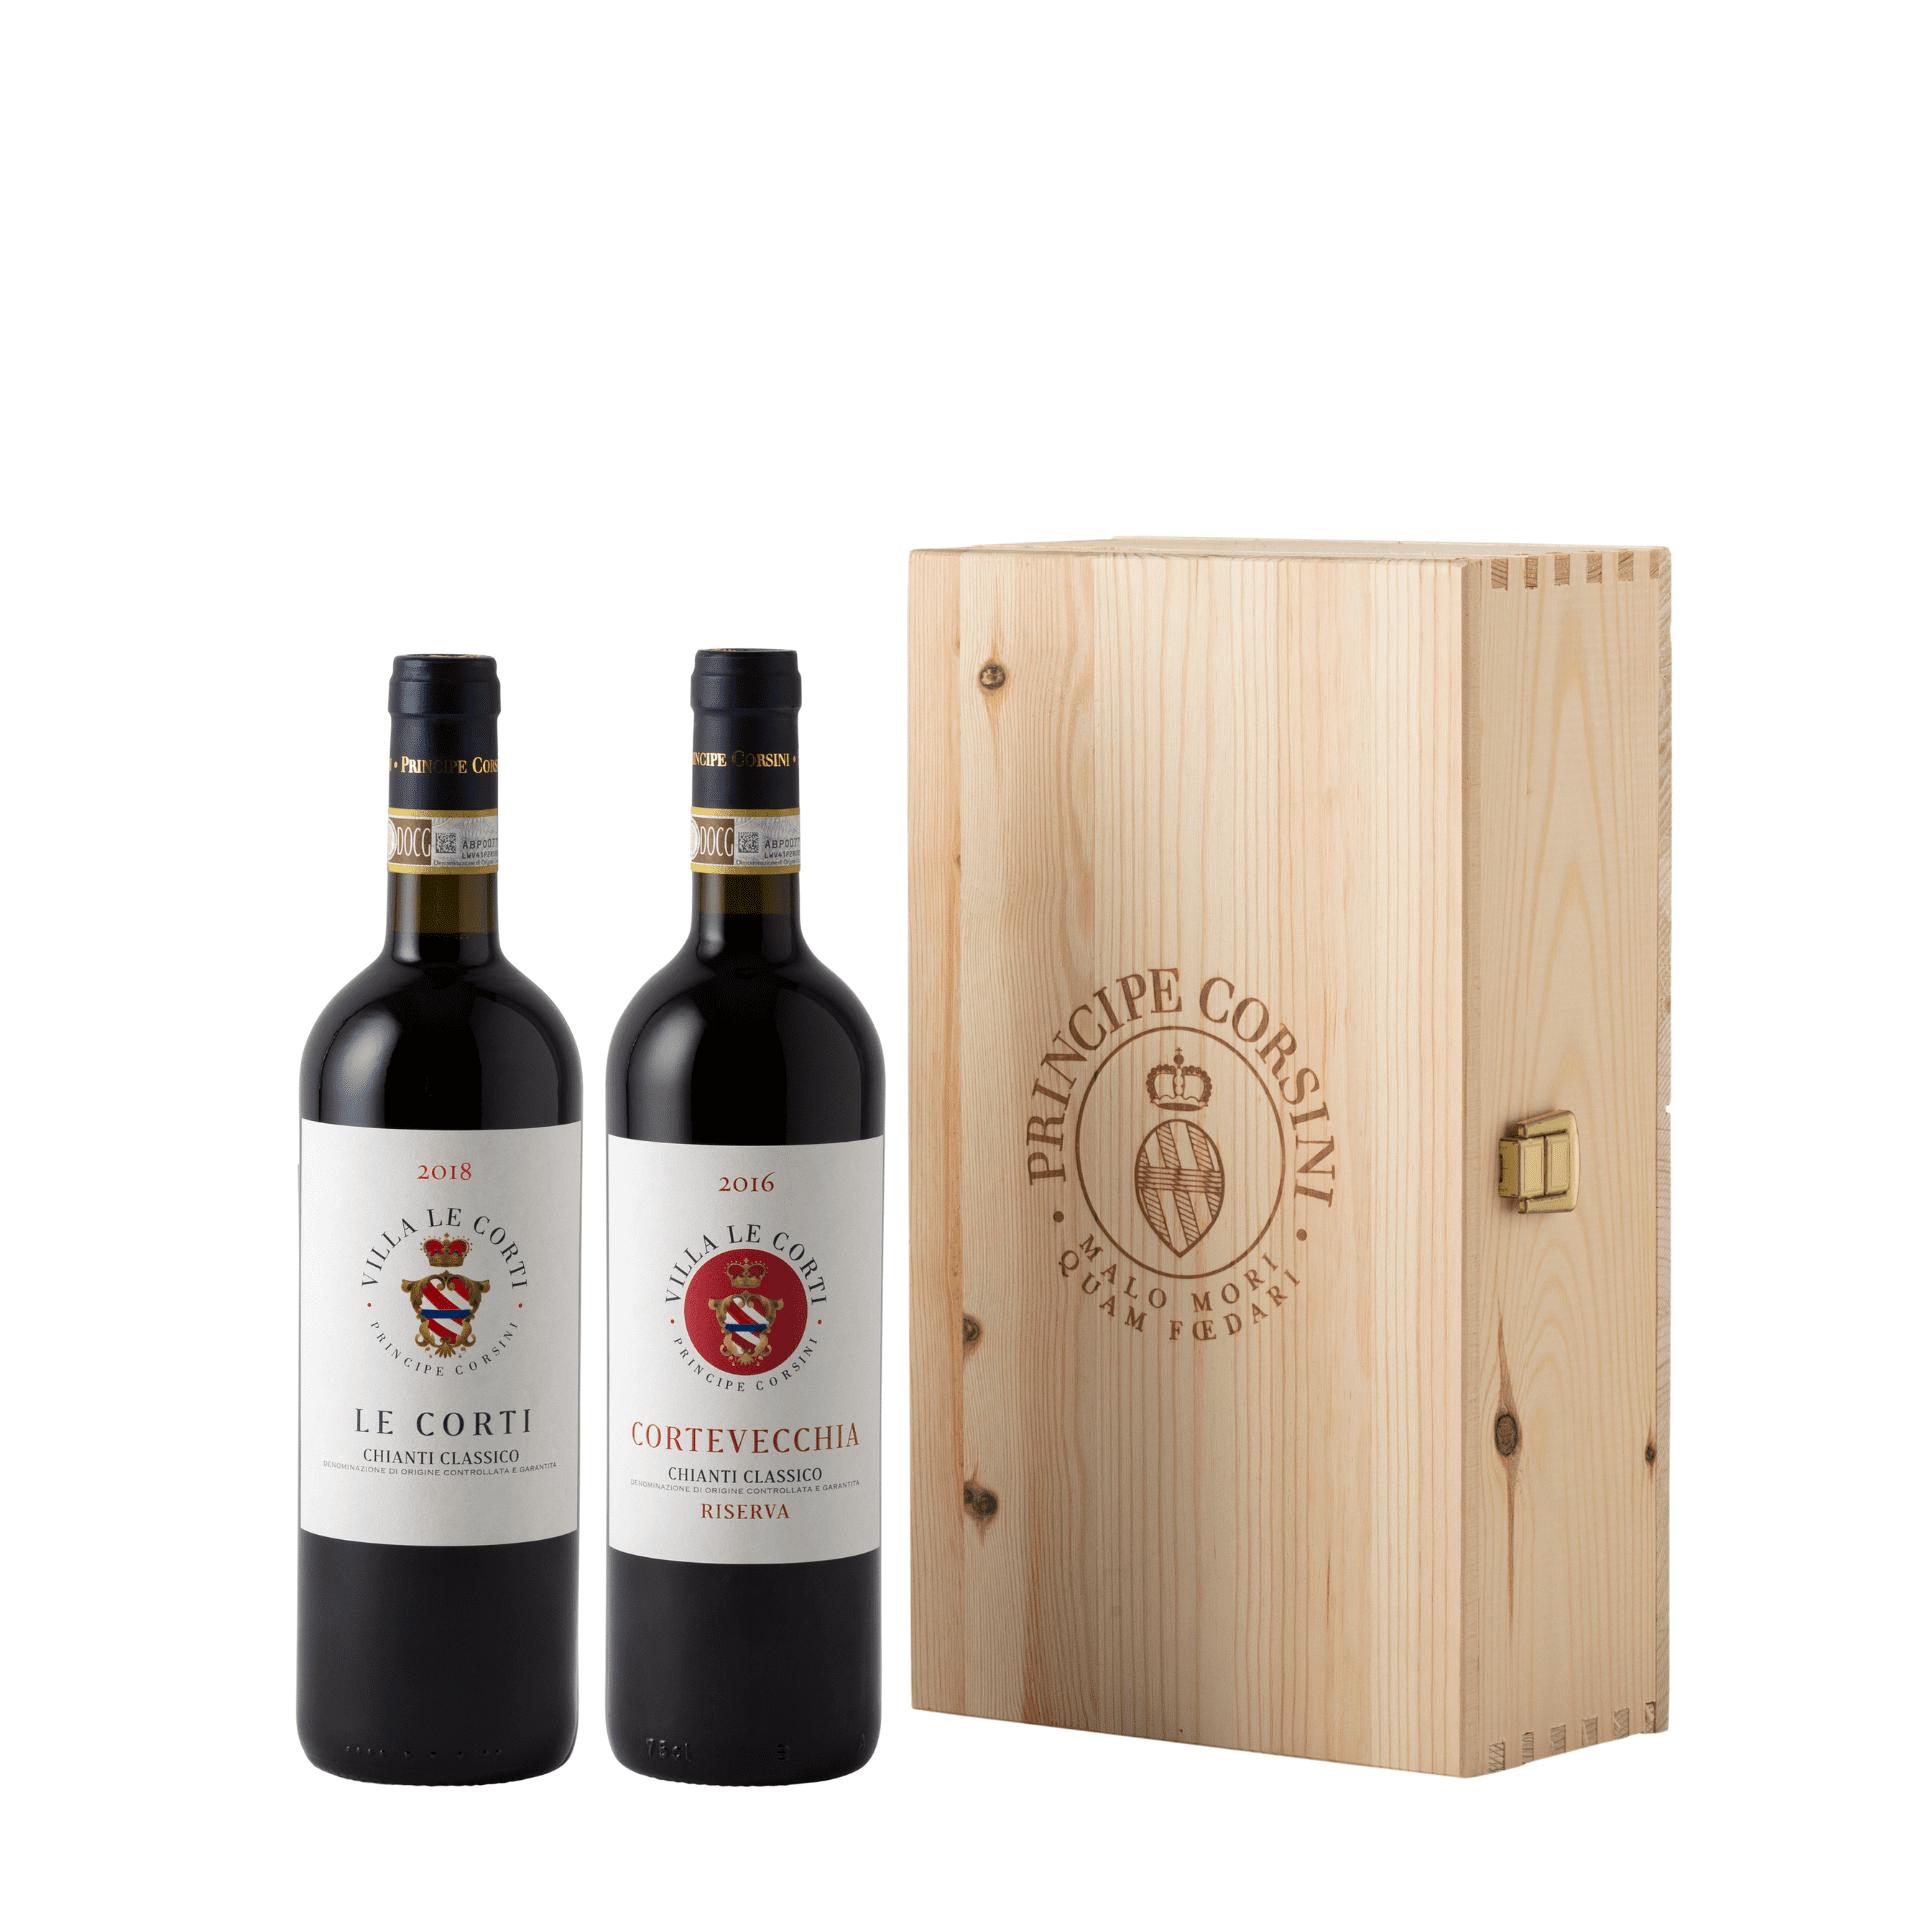 Cortevecchia 2016 + Le Corti 2018 + Wooden Box